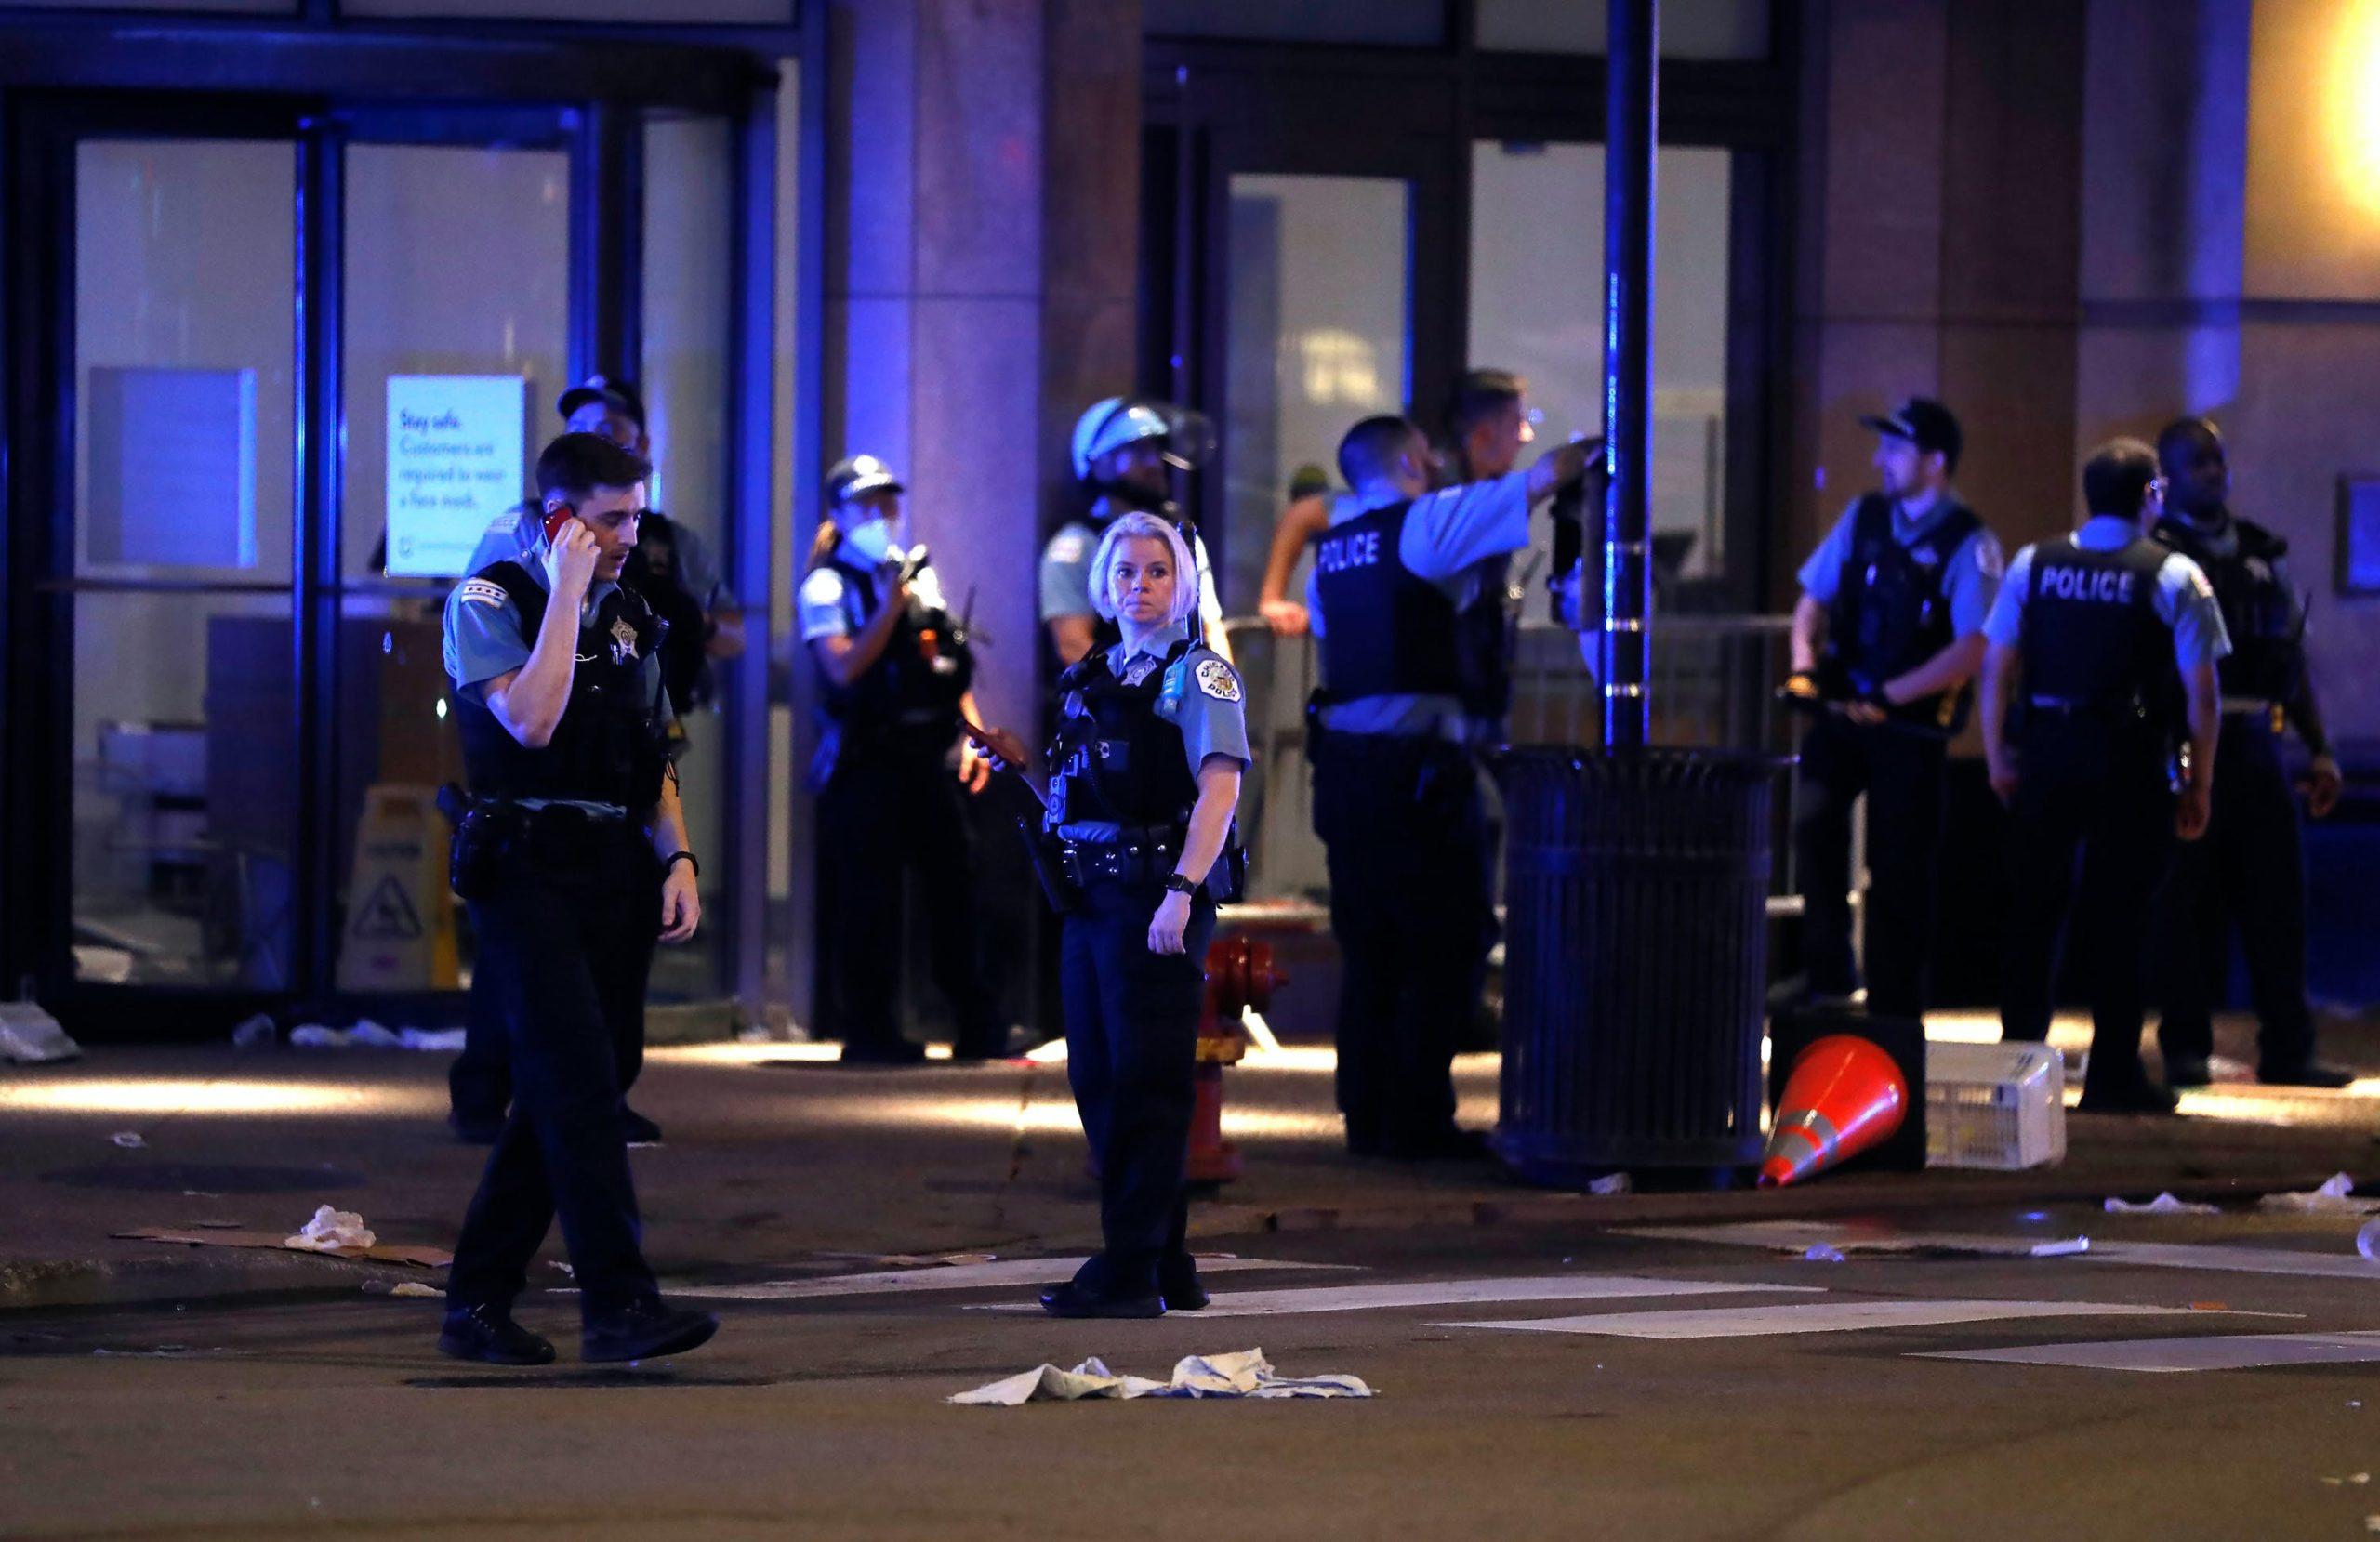 Grabitje dhe të shtëna me armë, policia arreston mbi 100 persona në Çikago